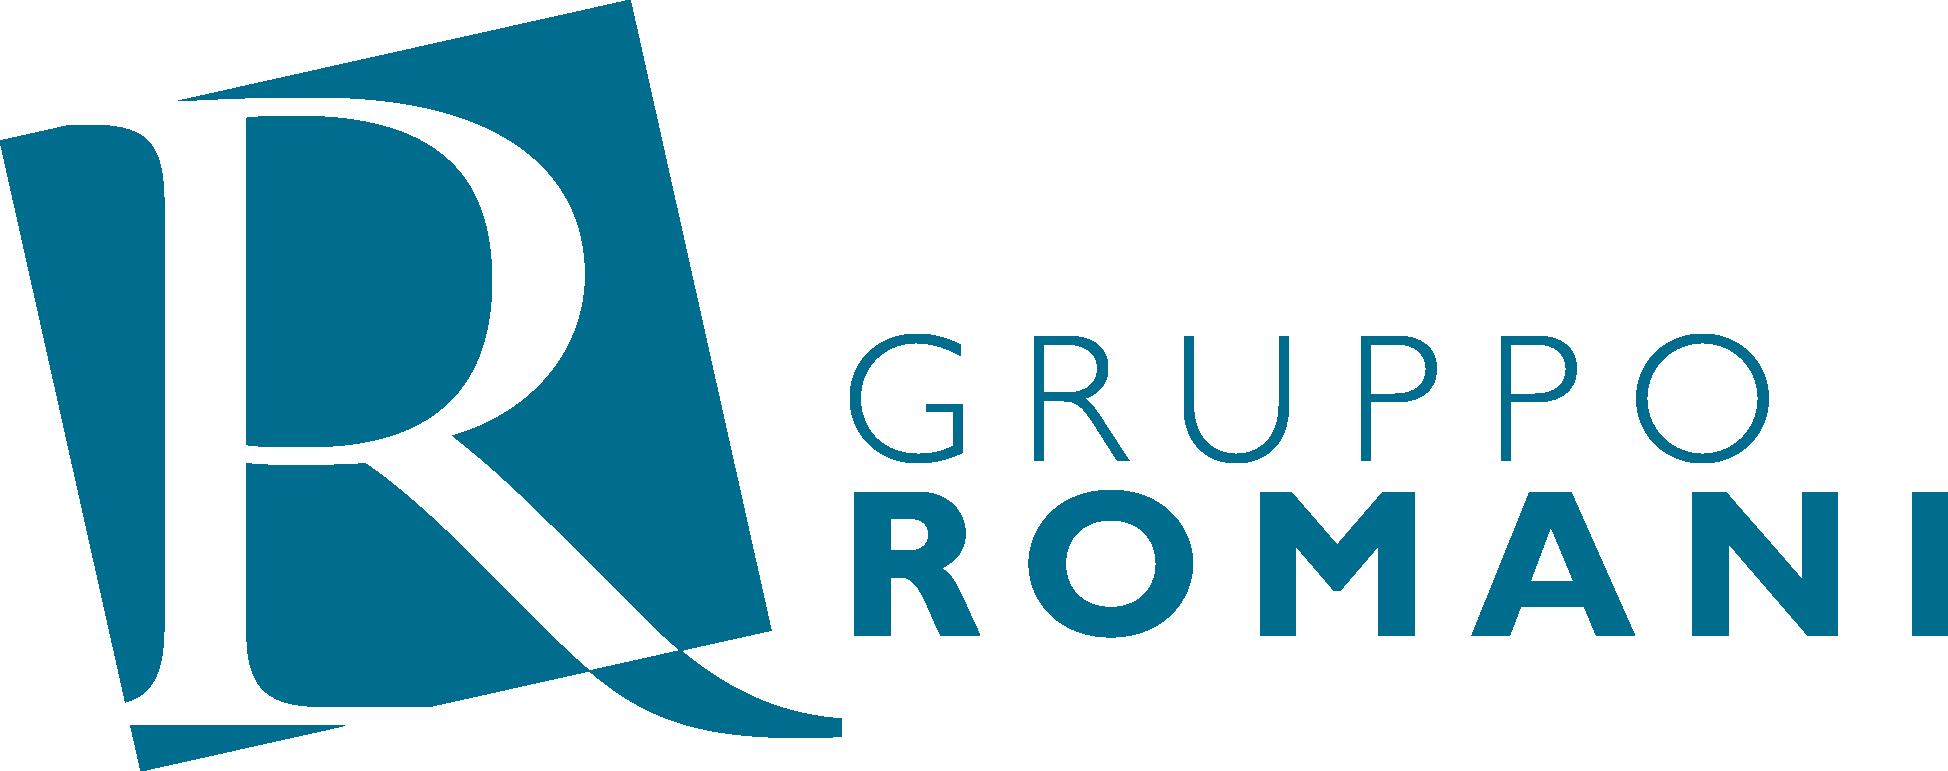 Gruppo Romani